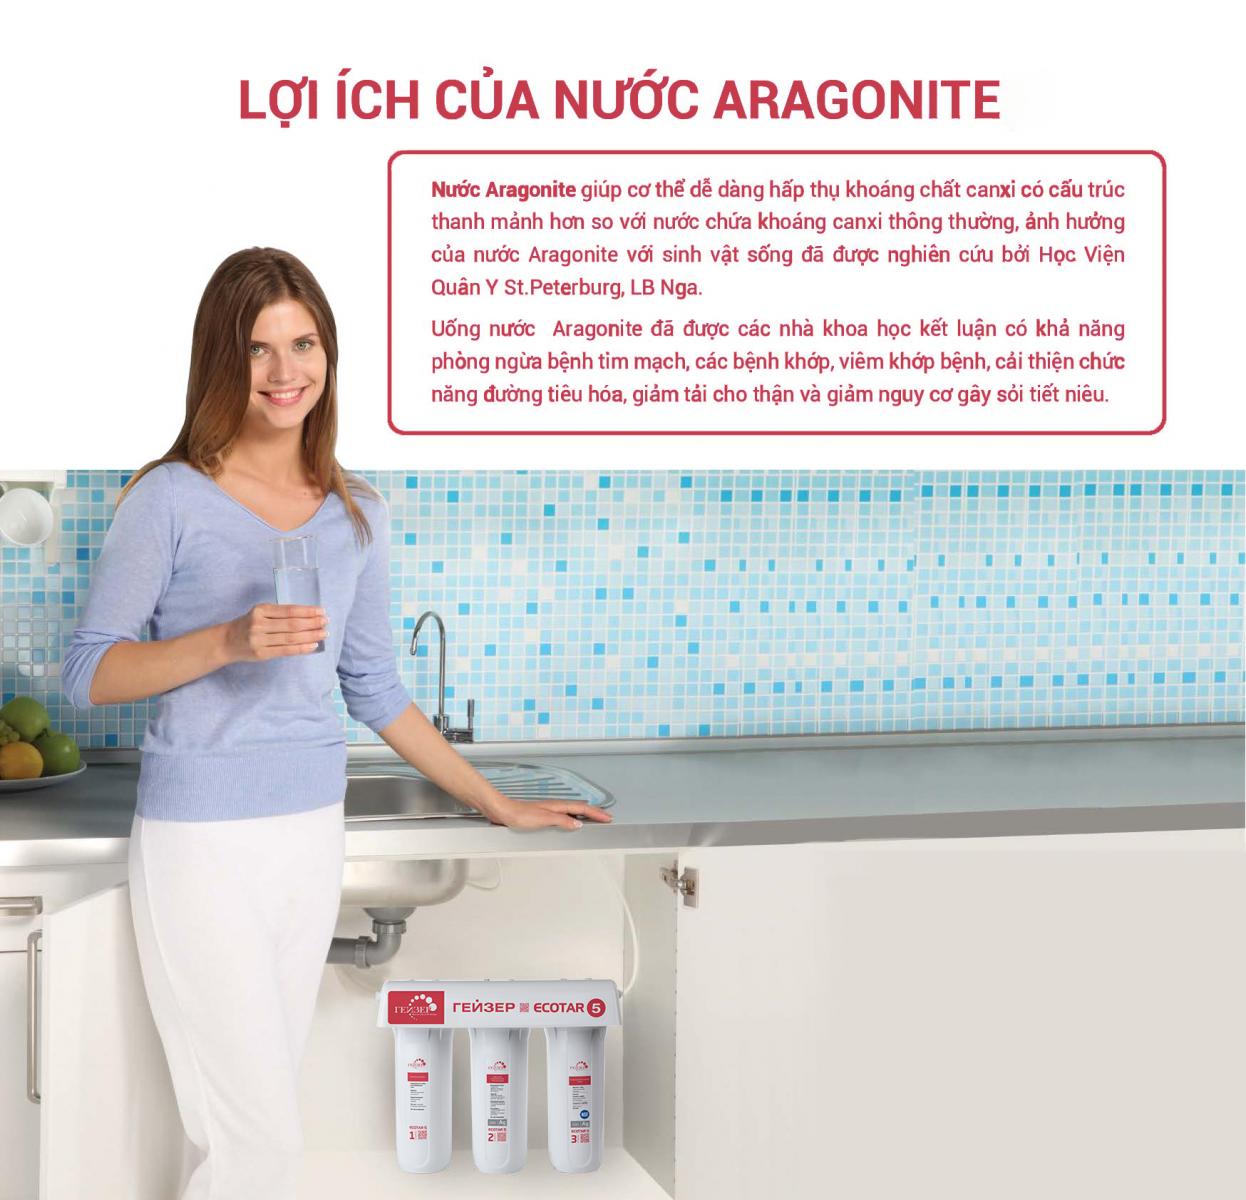 Lợi ích của việc dùng nước với công nghệ Aragon